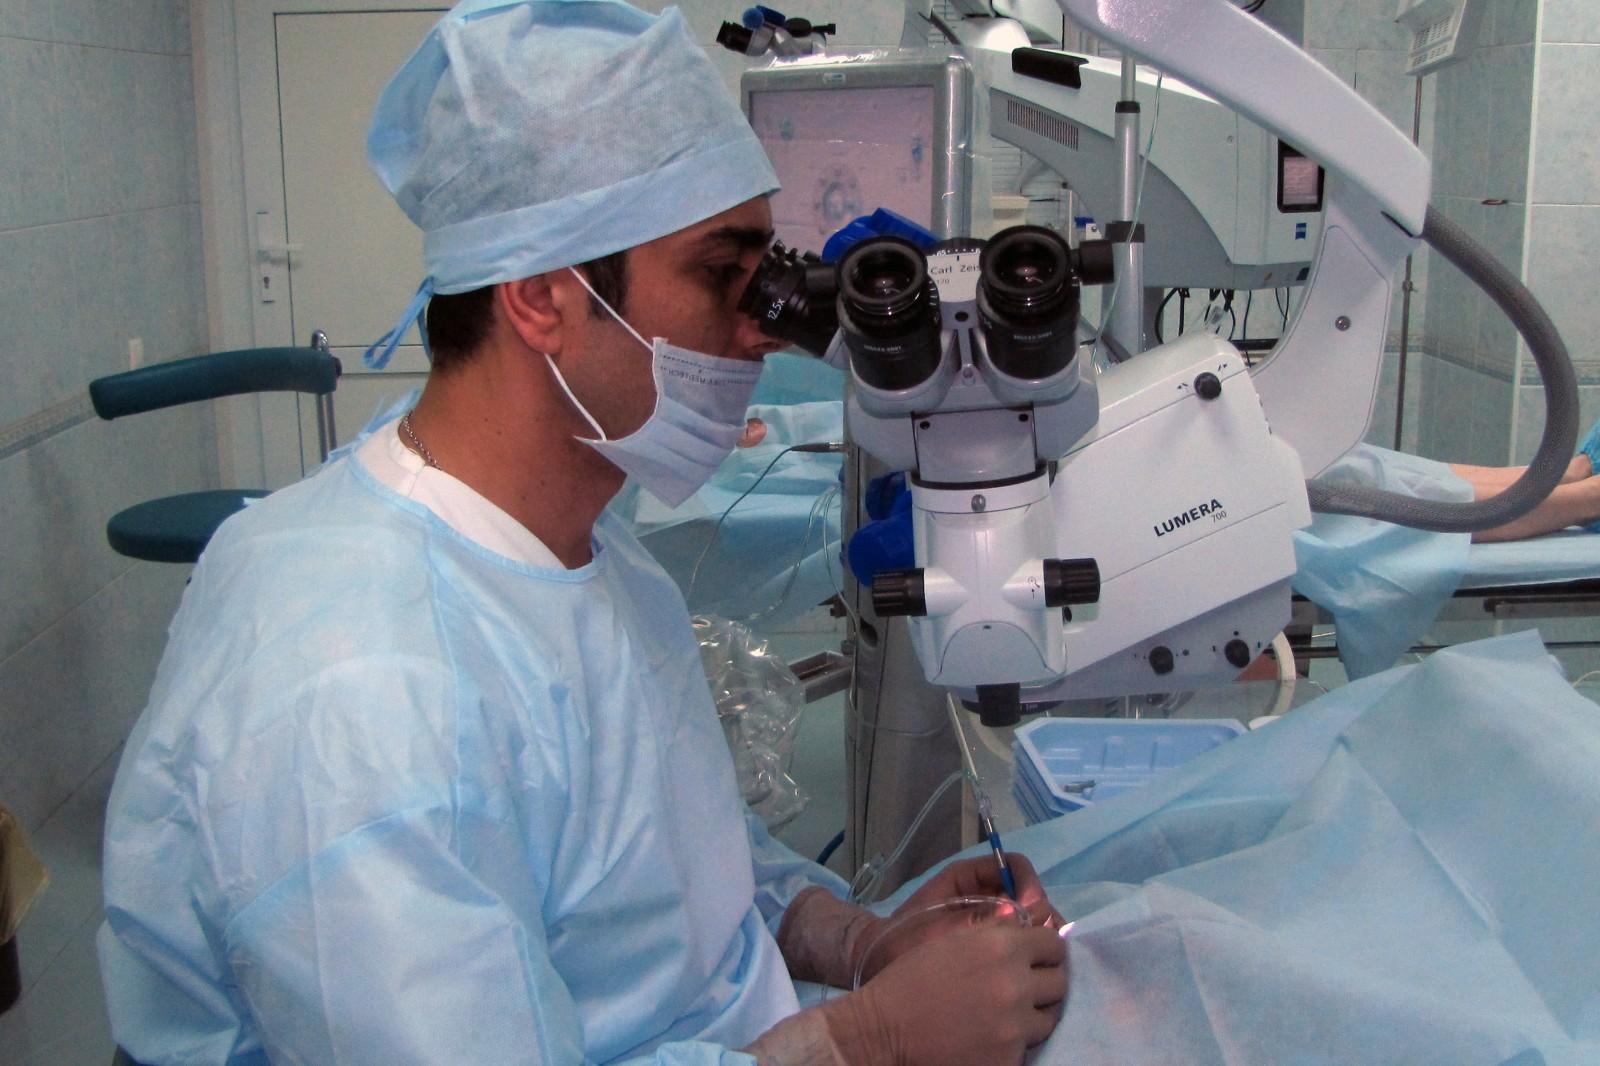 hogy a naftizin hogyan befolyásolja a látást